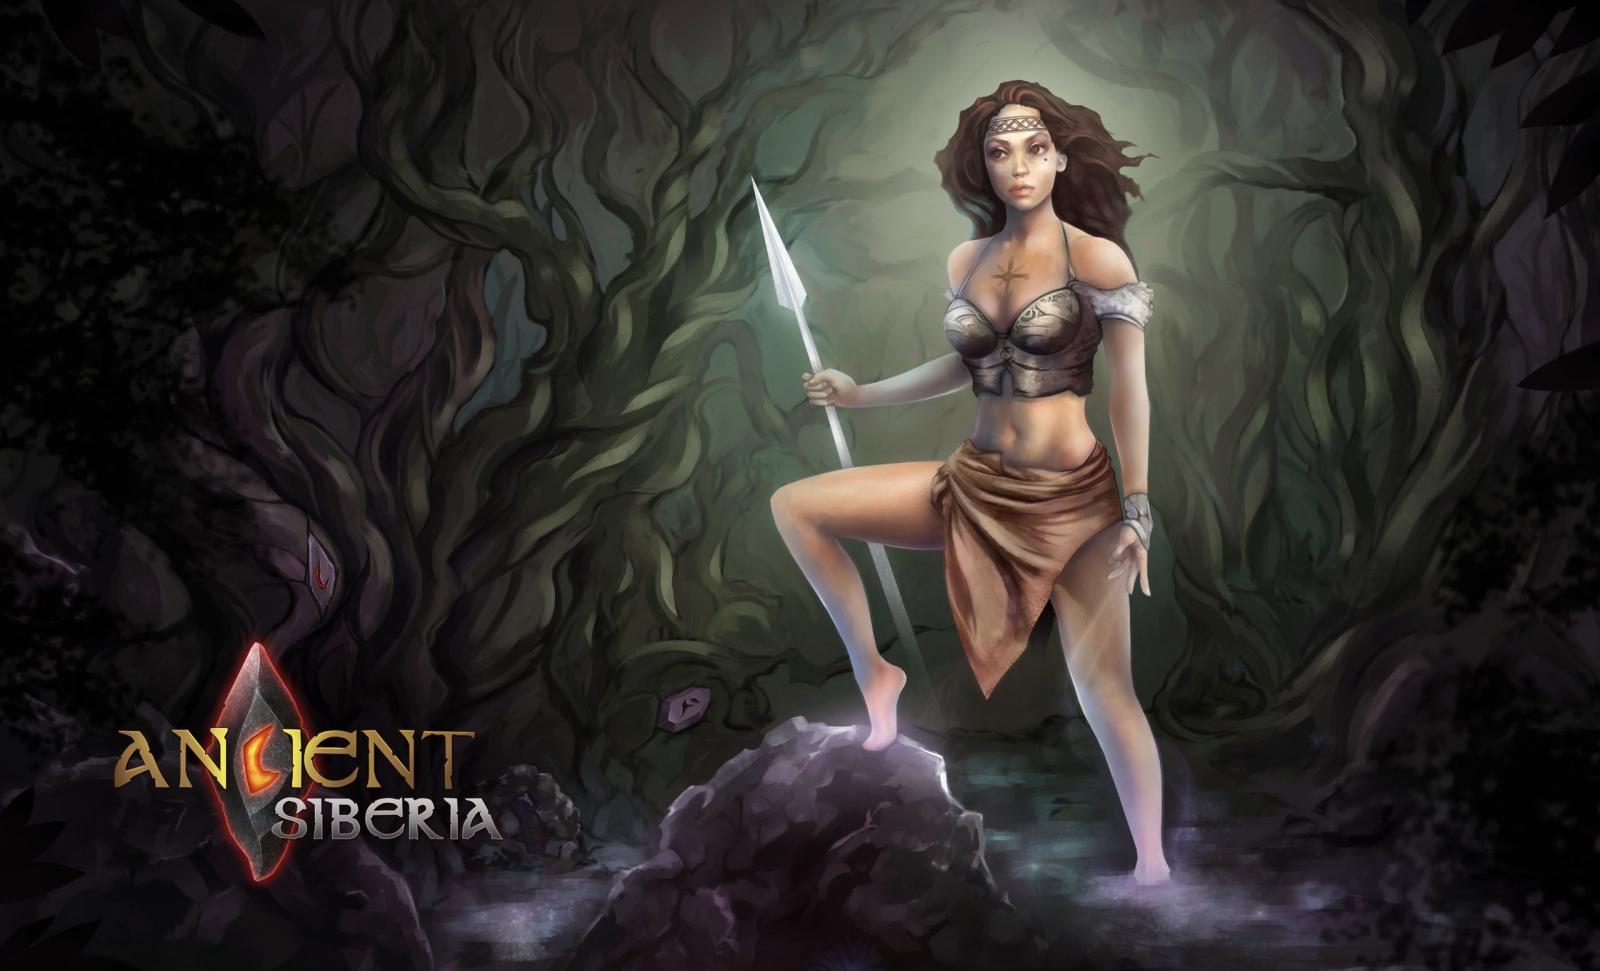 Внешность персонажей в игре Ancient Siberia